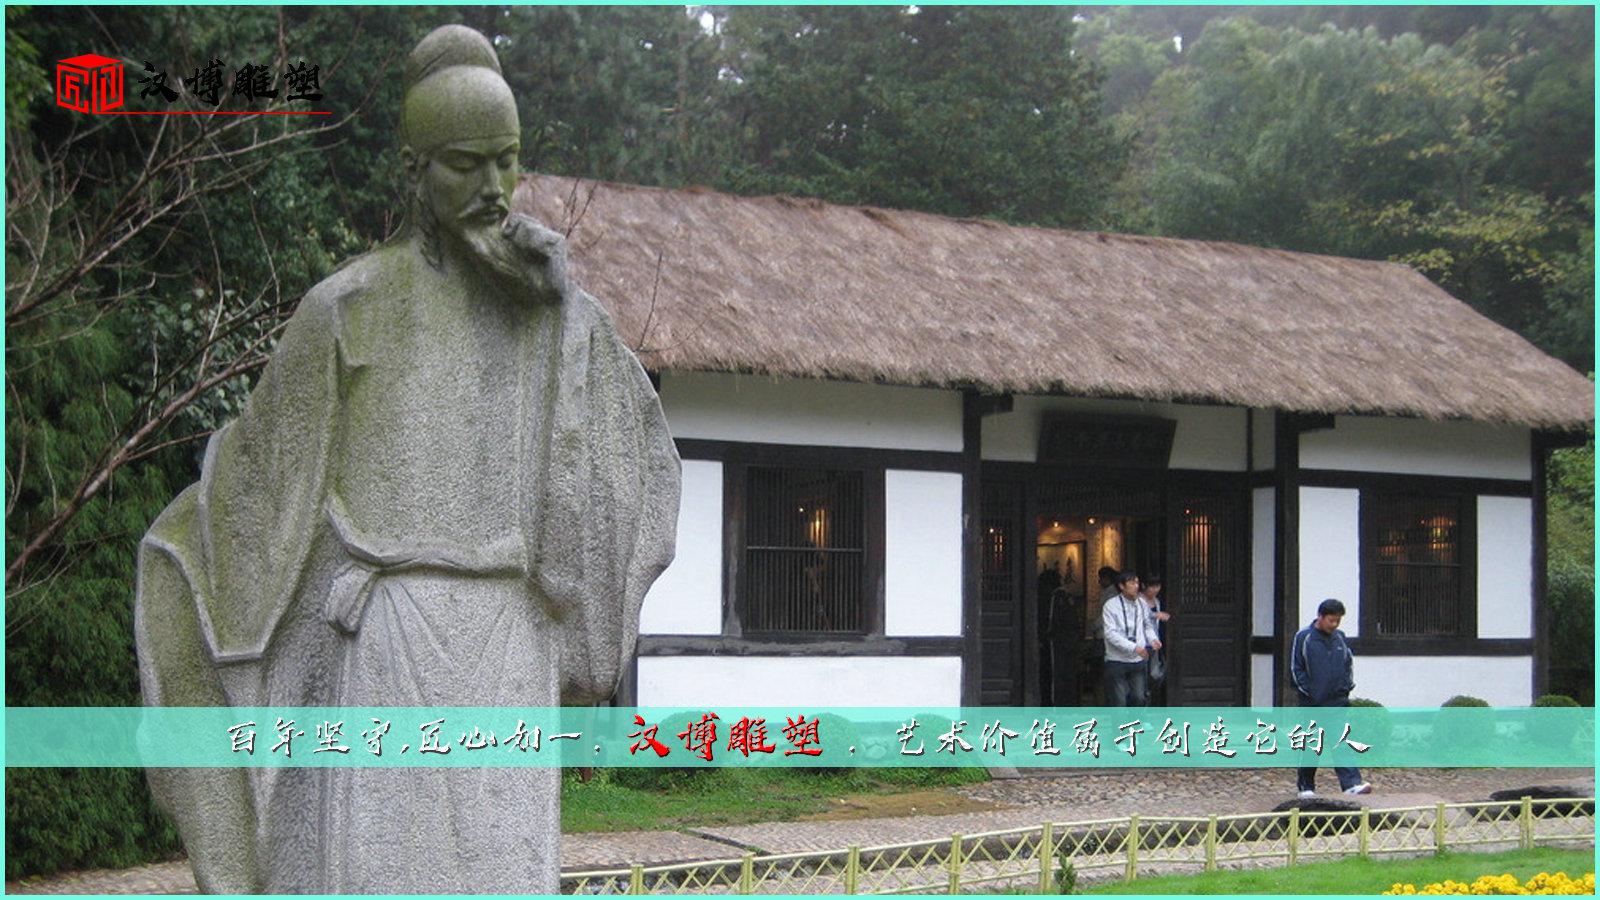 大型名人主题雕塑制作;用雕塑来浅谈白居易先生闲适诗的内涵